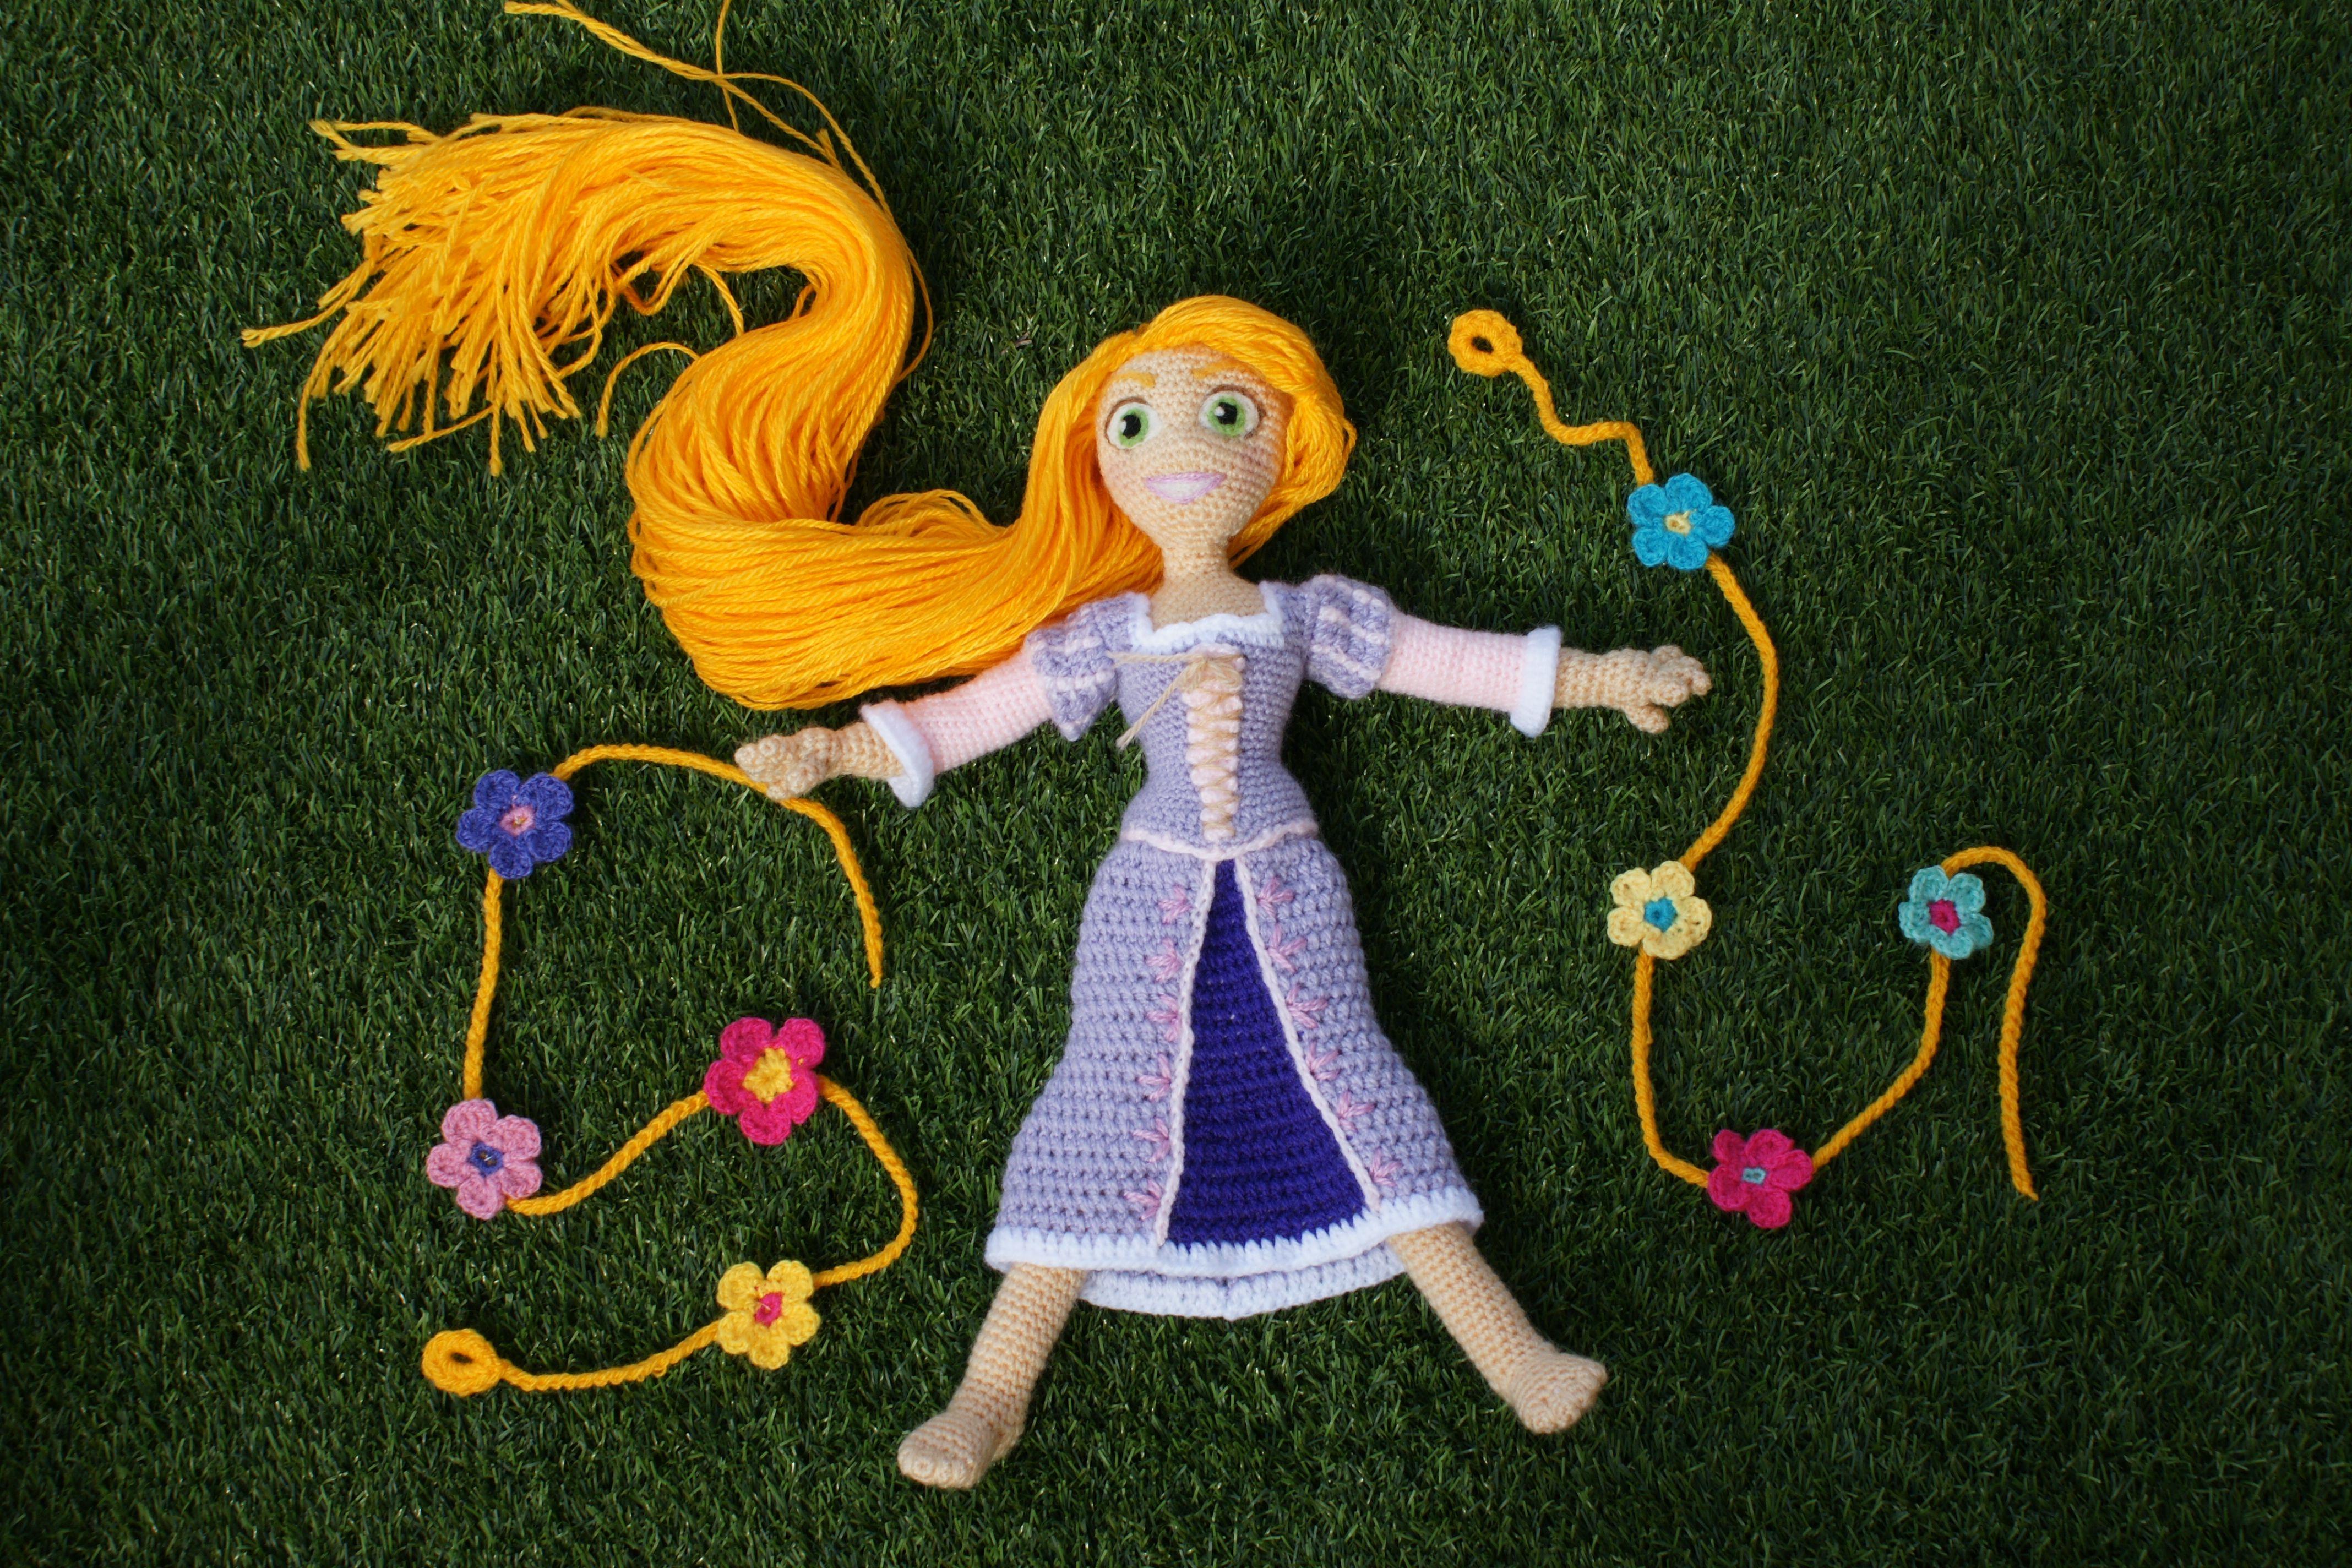 Mi version amigurumi de Rapunzel